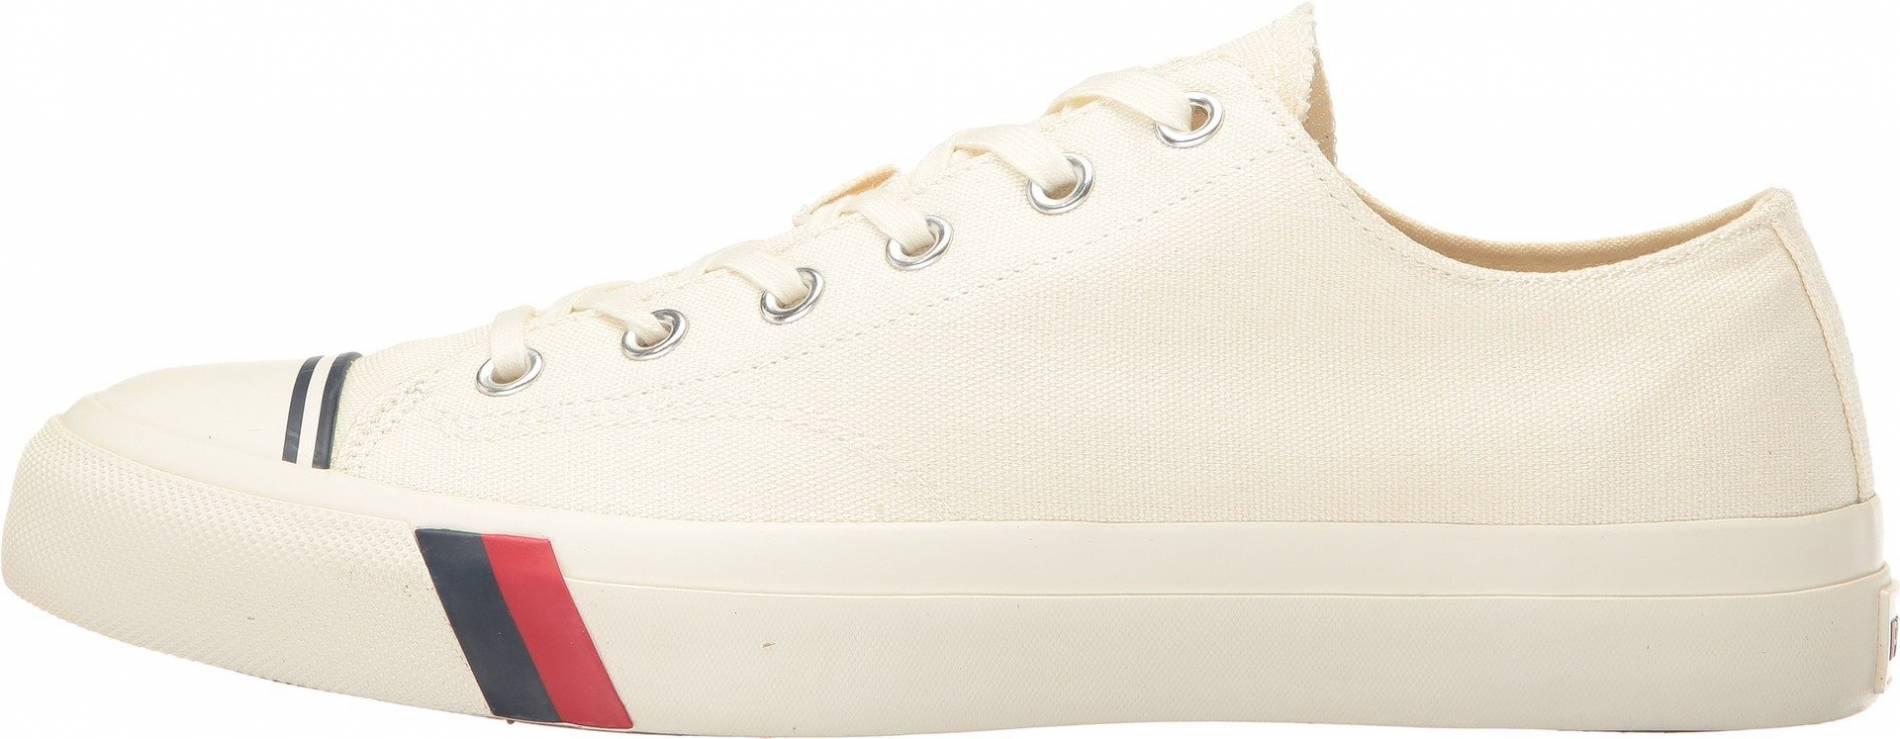 PRO-Keds Mens Royal Lo Tanker Nylon Sneaker